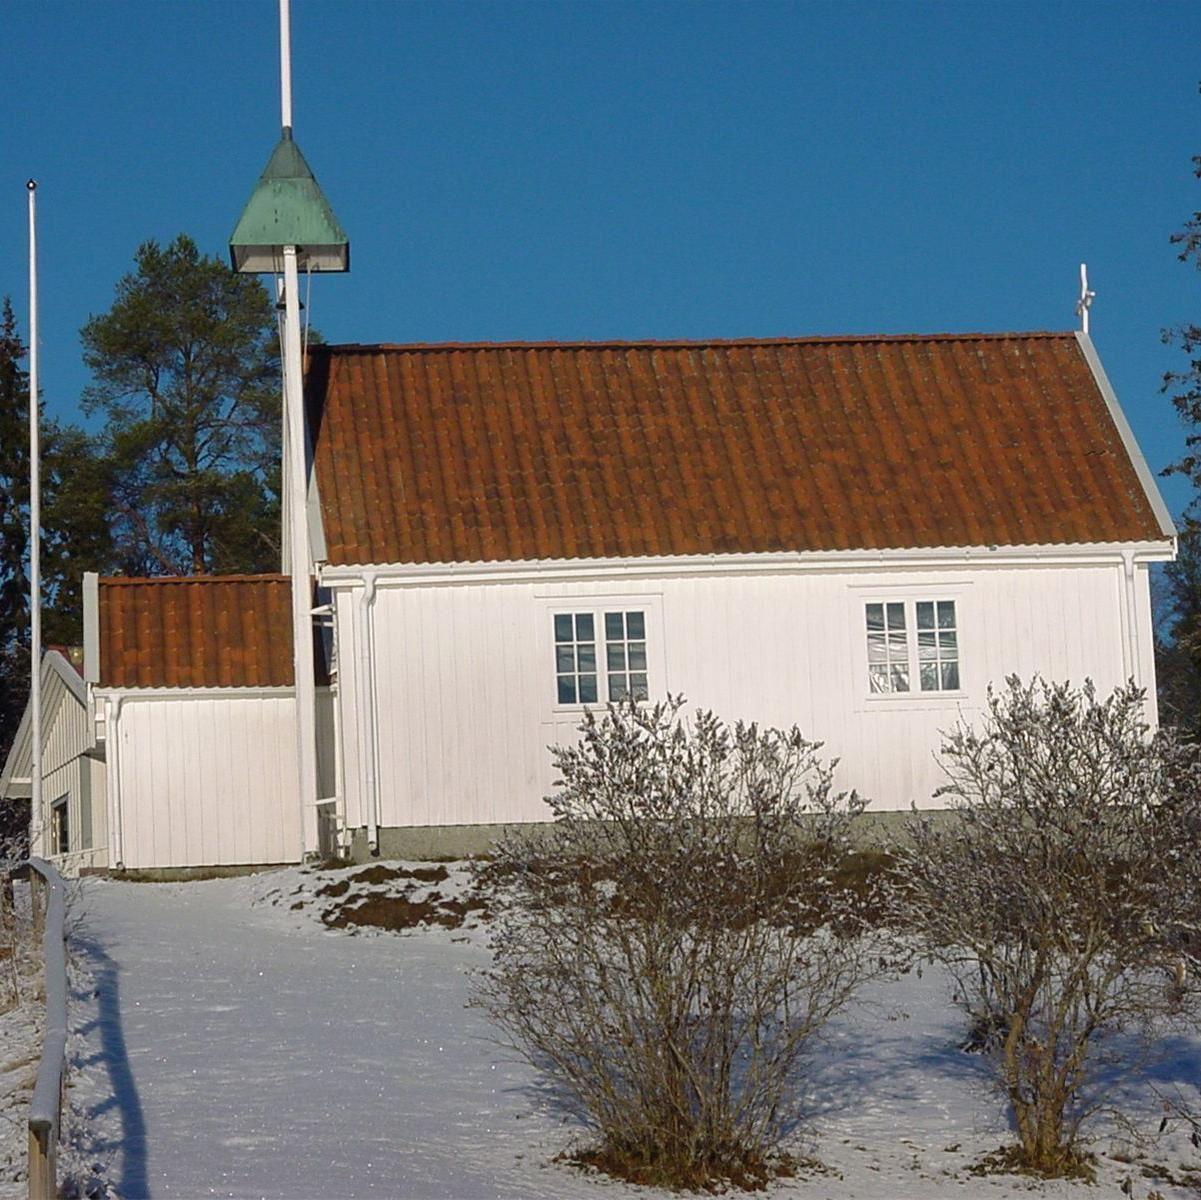 Foto: Grundsunda församling, Skags kapell